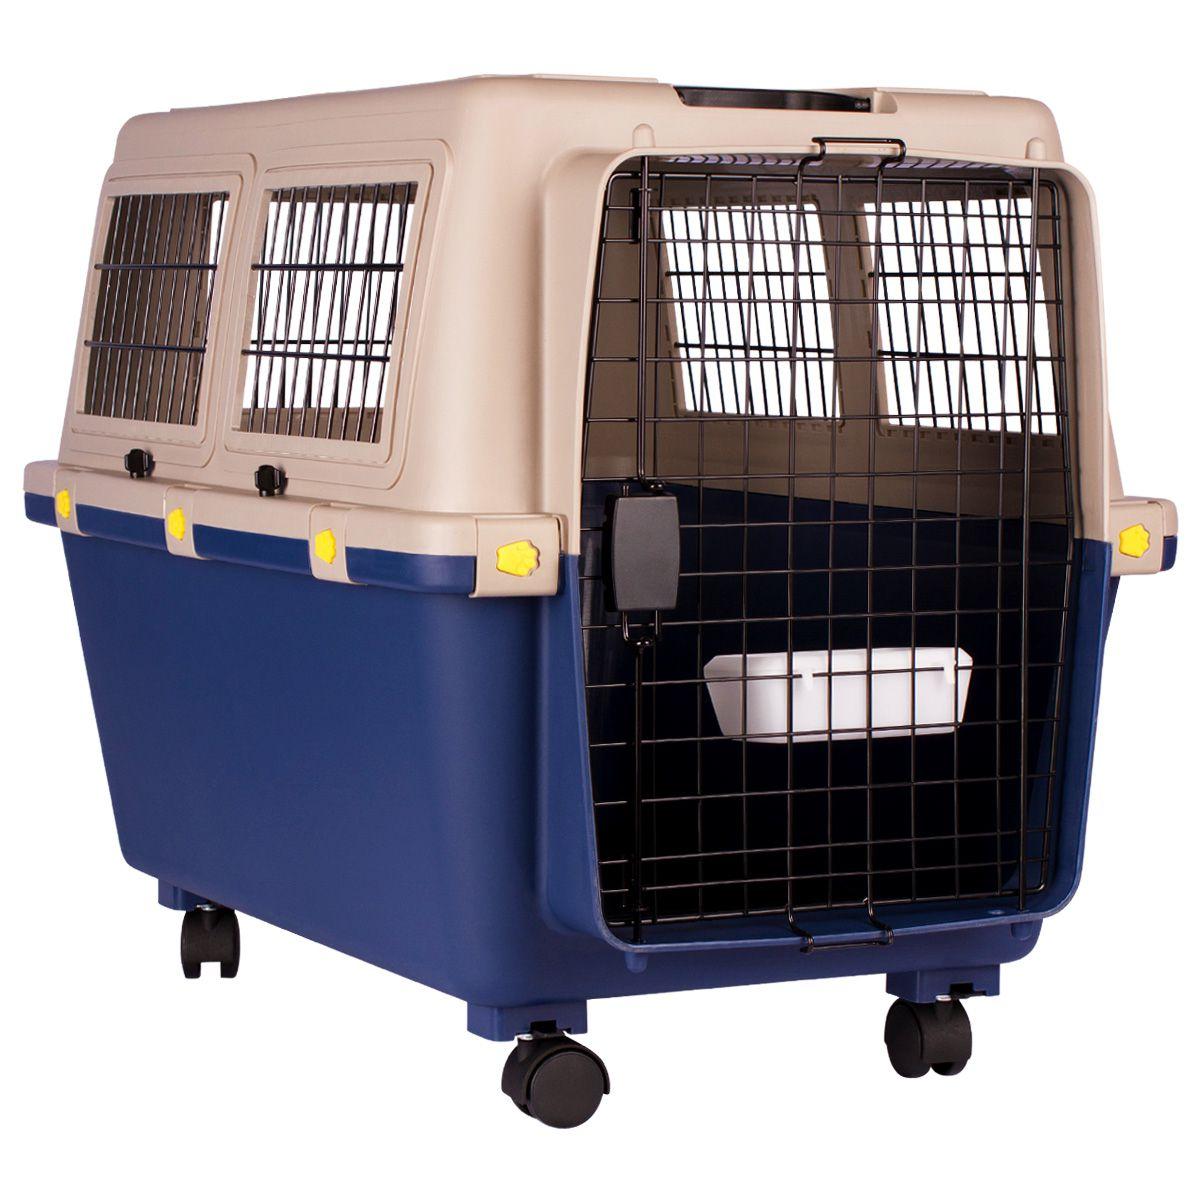 Caixa de Transporte Dog Fly IATA Tamanho 5 N5